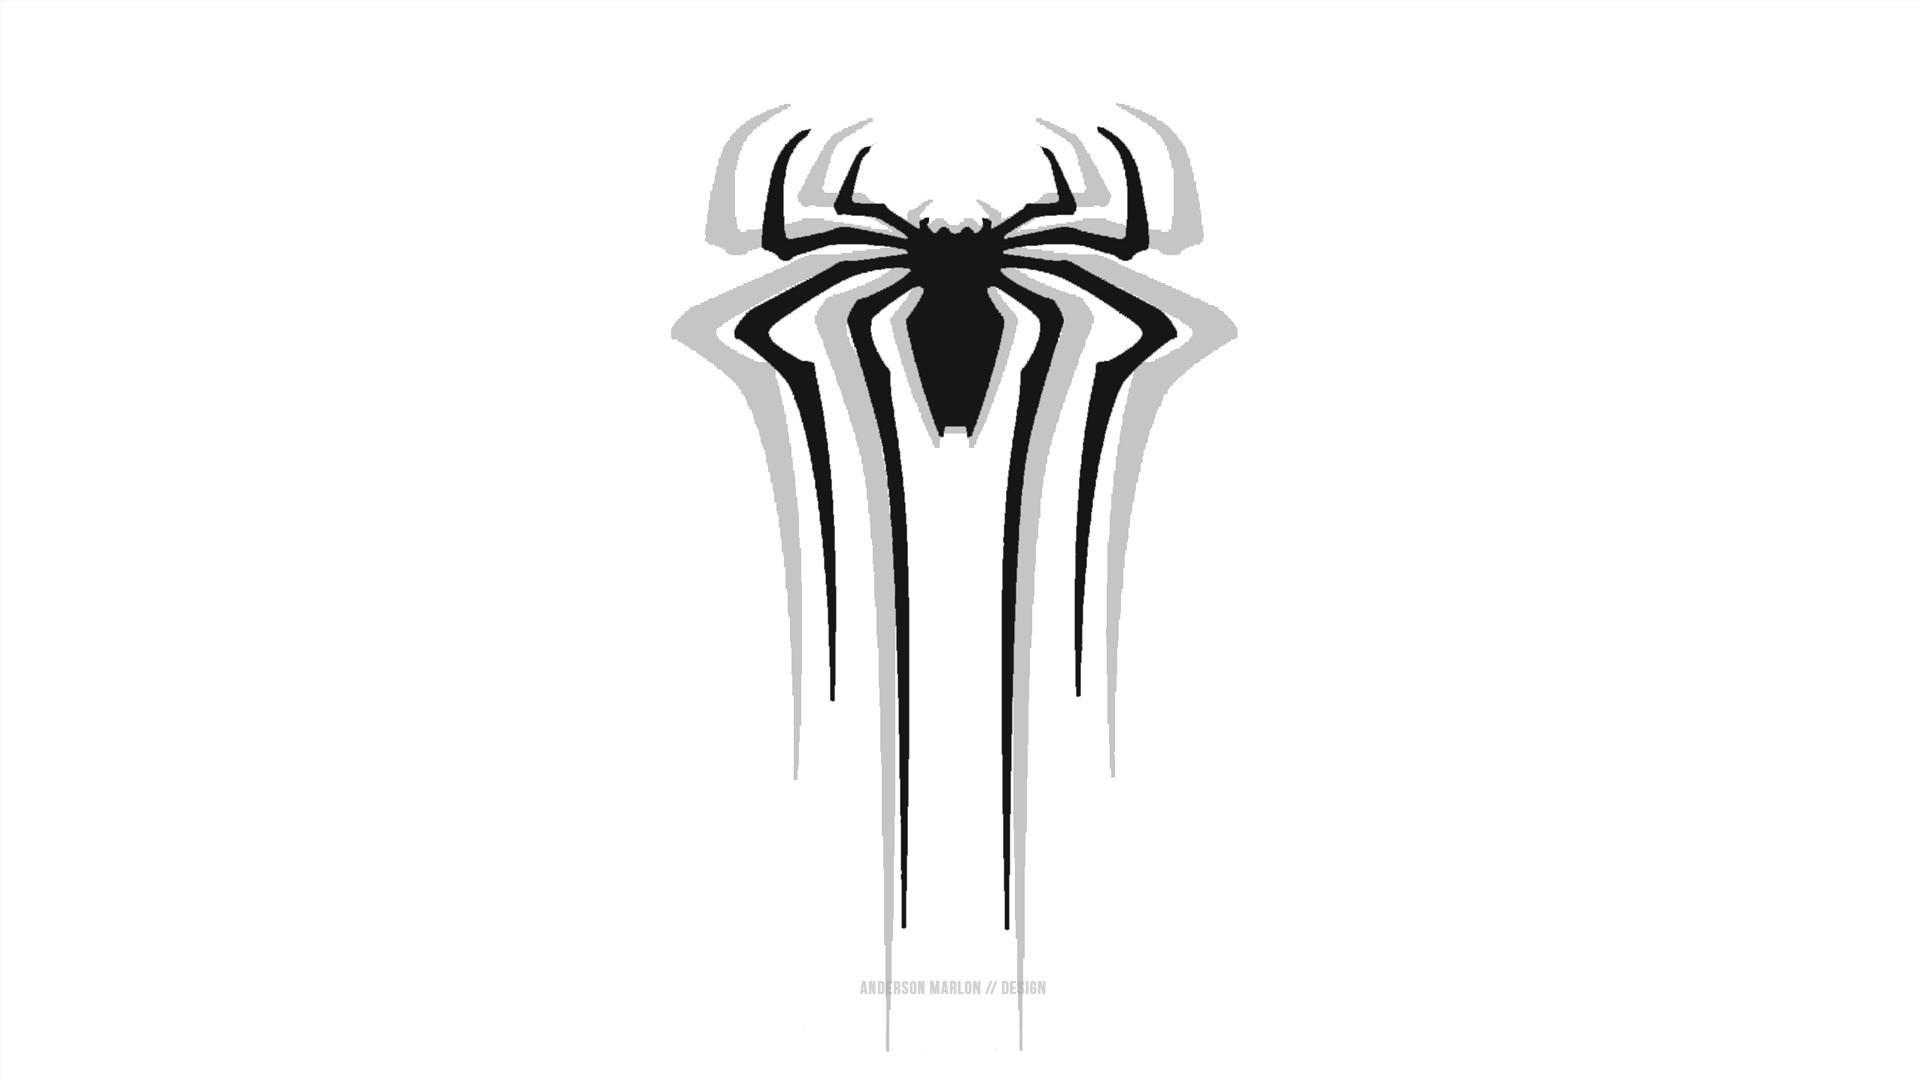 Hintergrundbilder 1920x1080 Px Anti Venom Mann Spinne